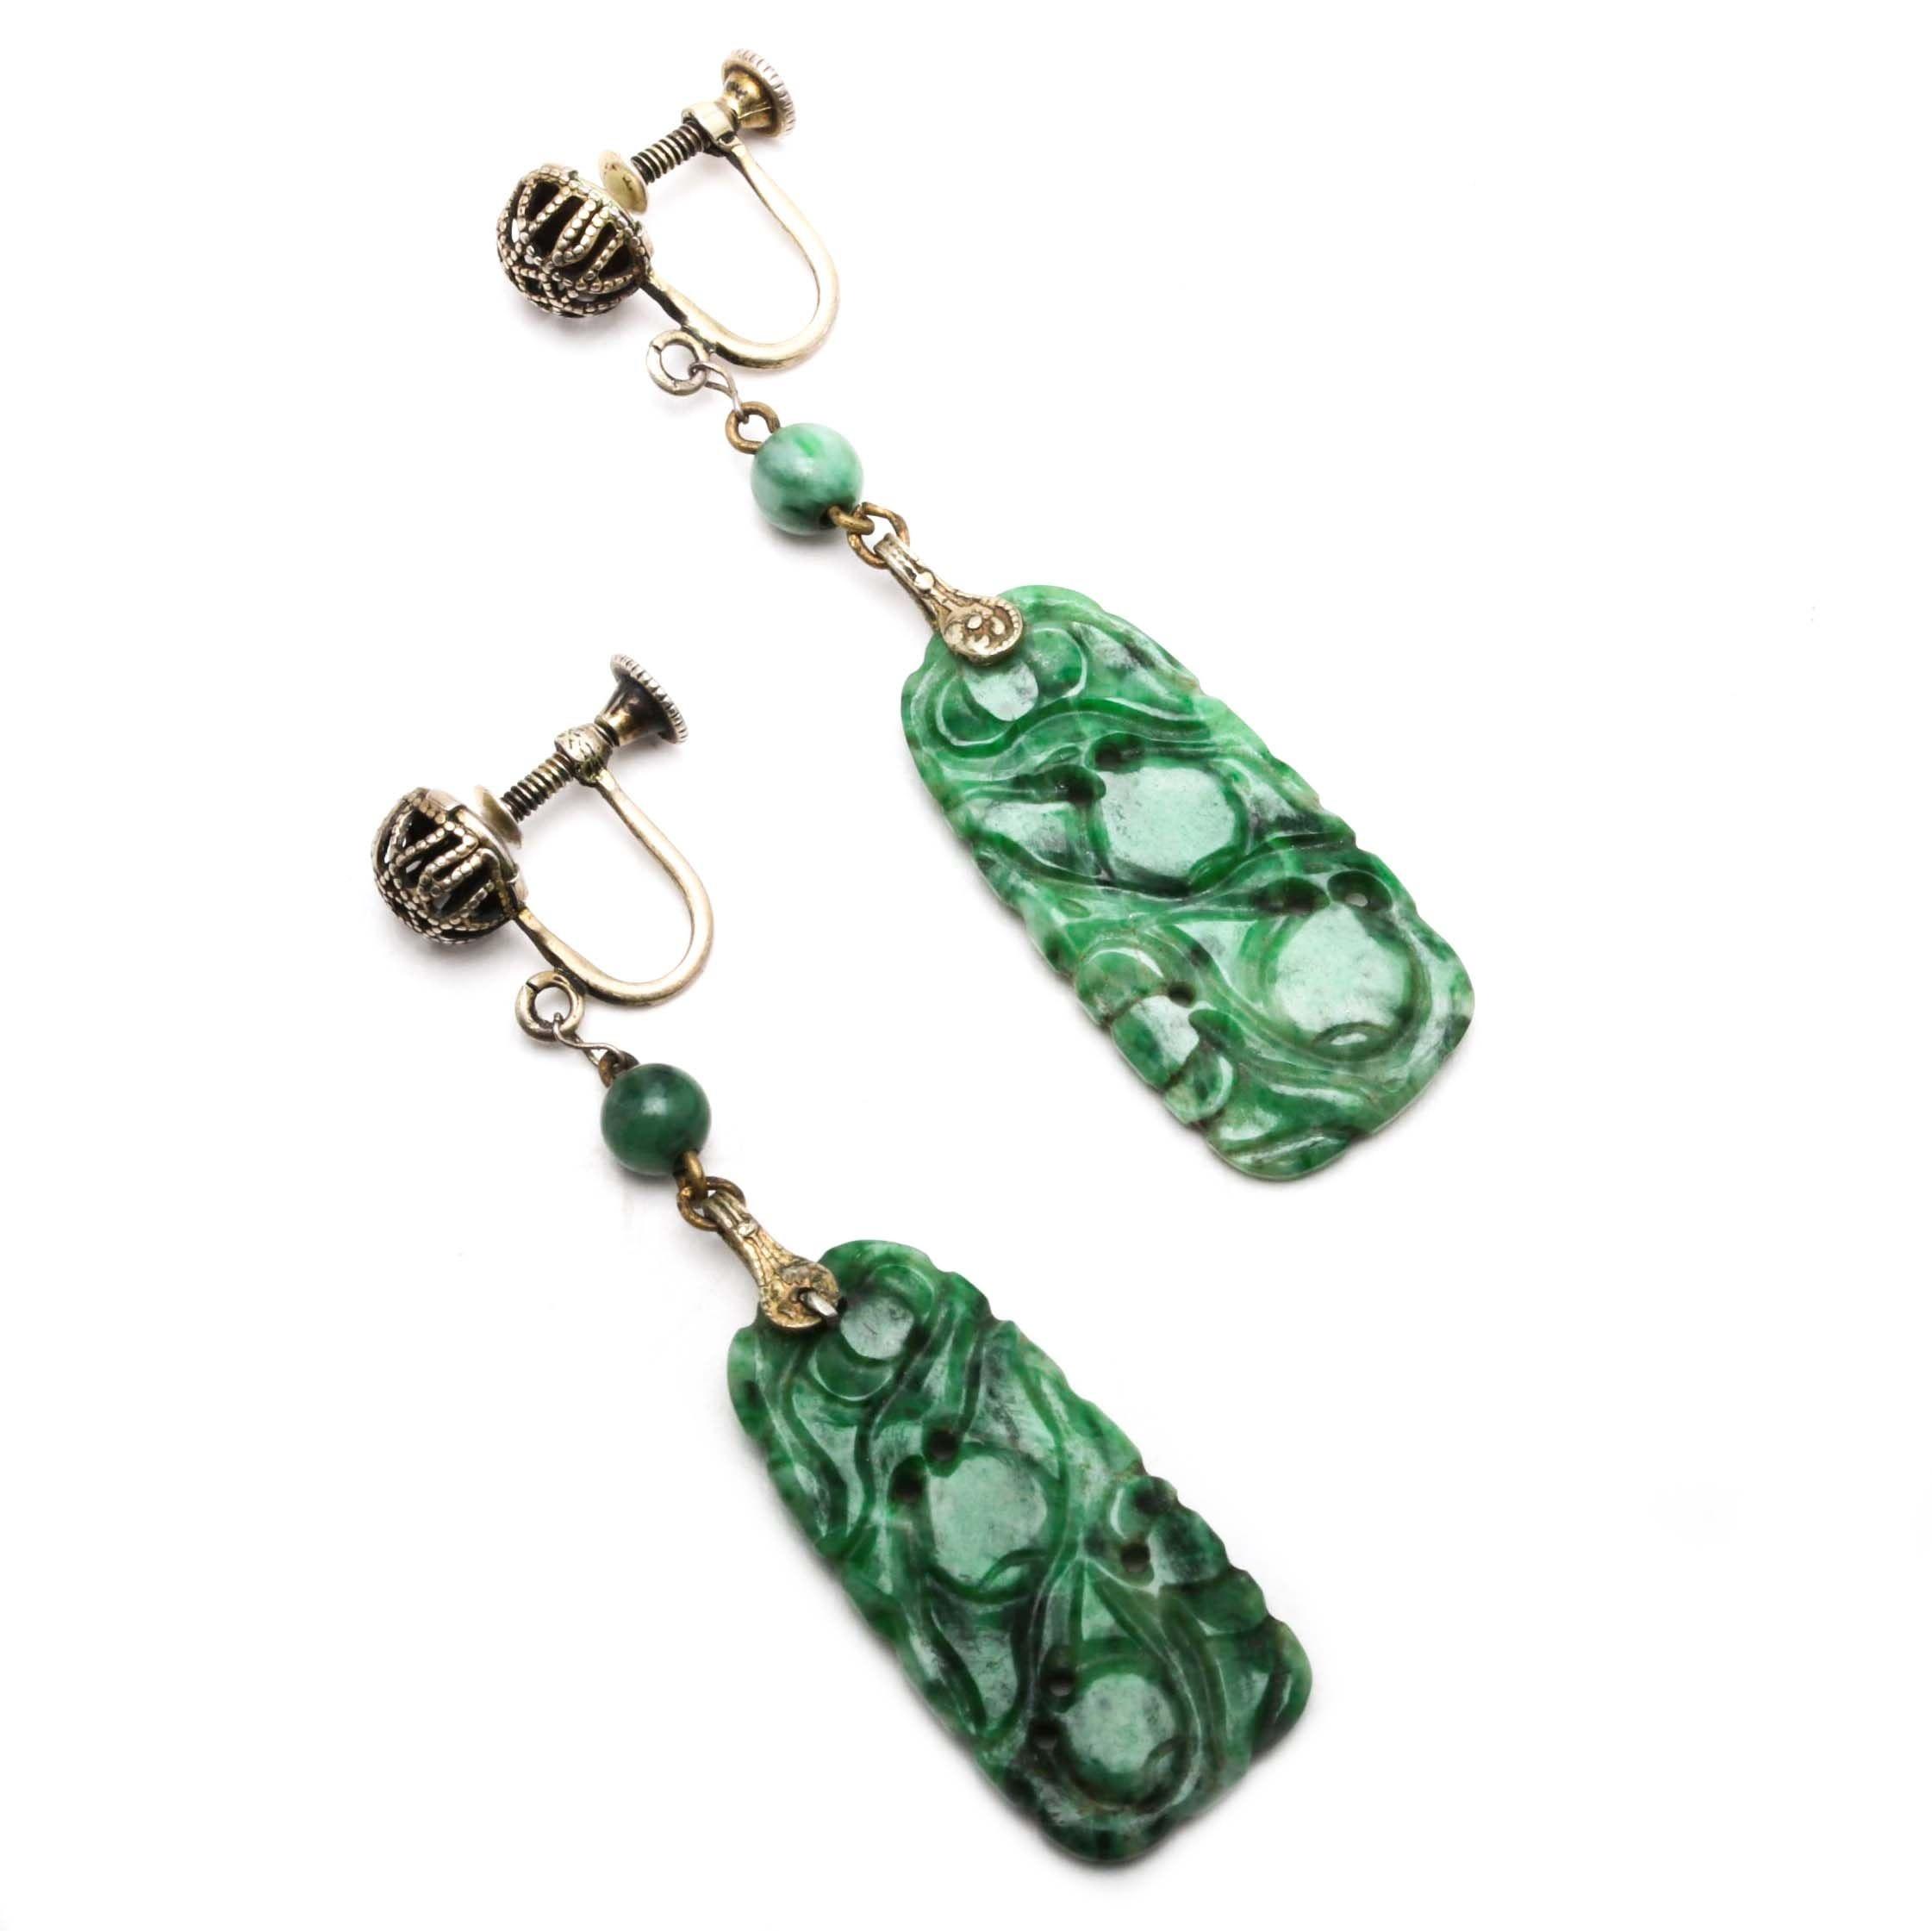 Vintage Carved Jadeite Earrings in Sterling Silver Mounts